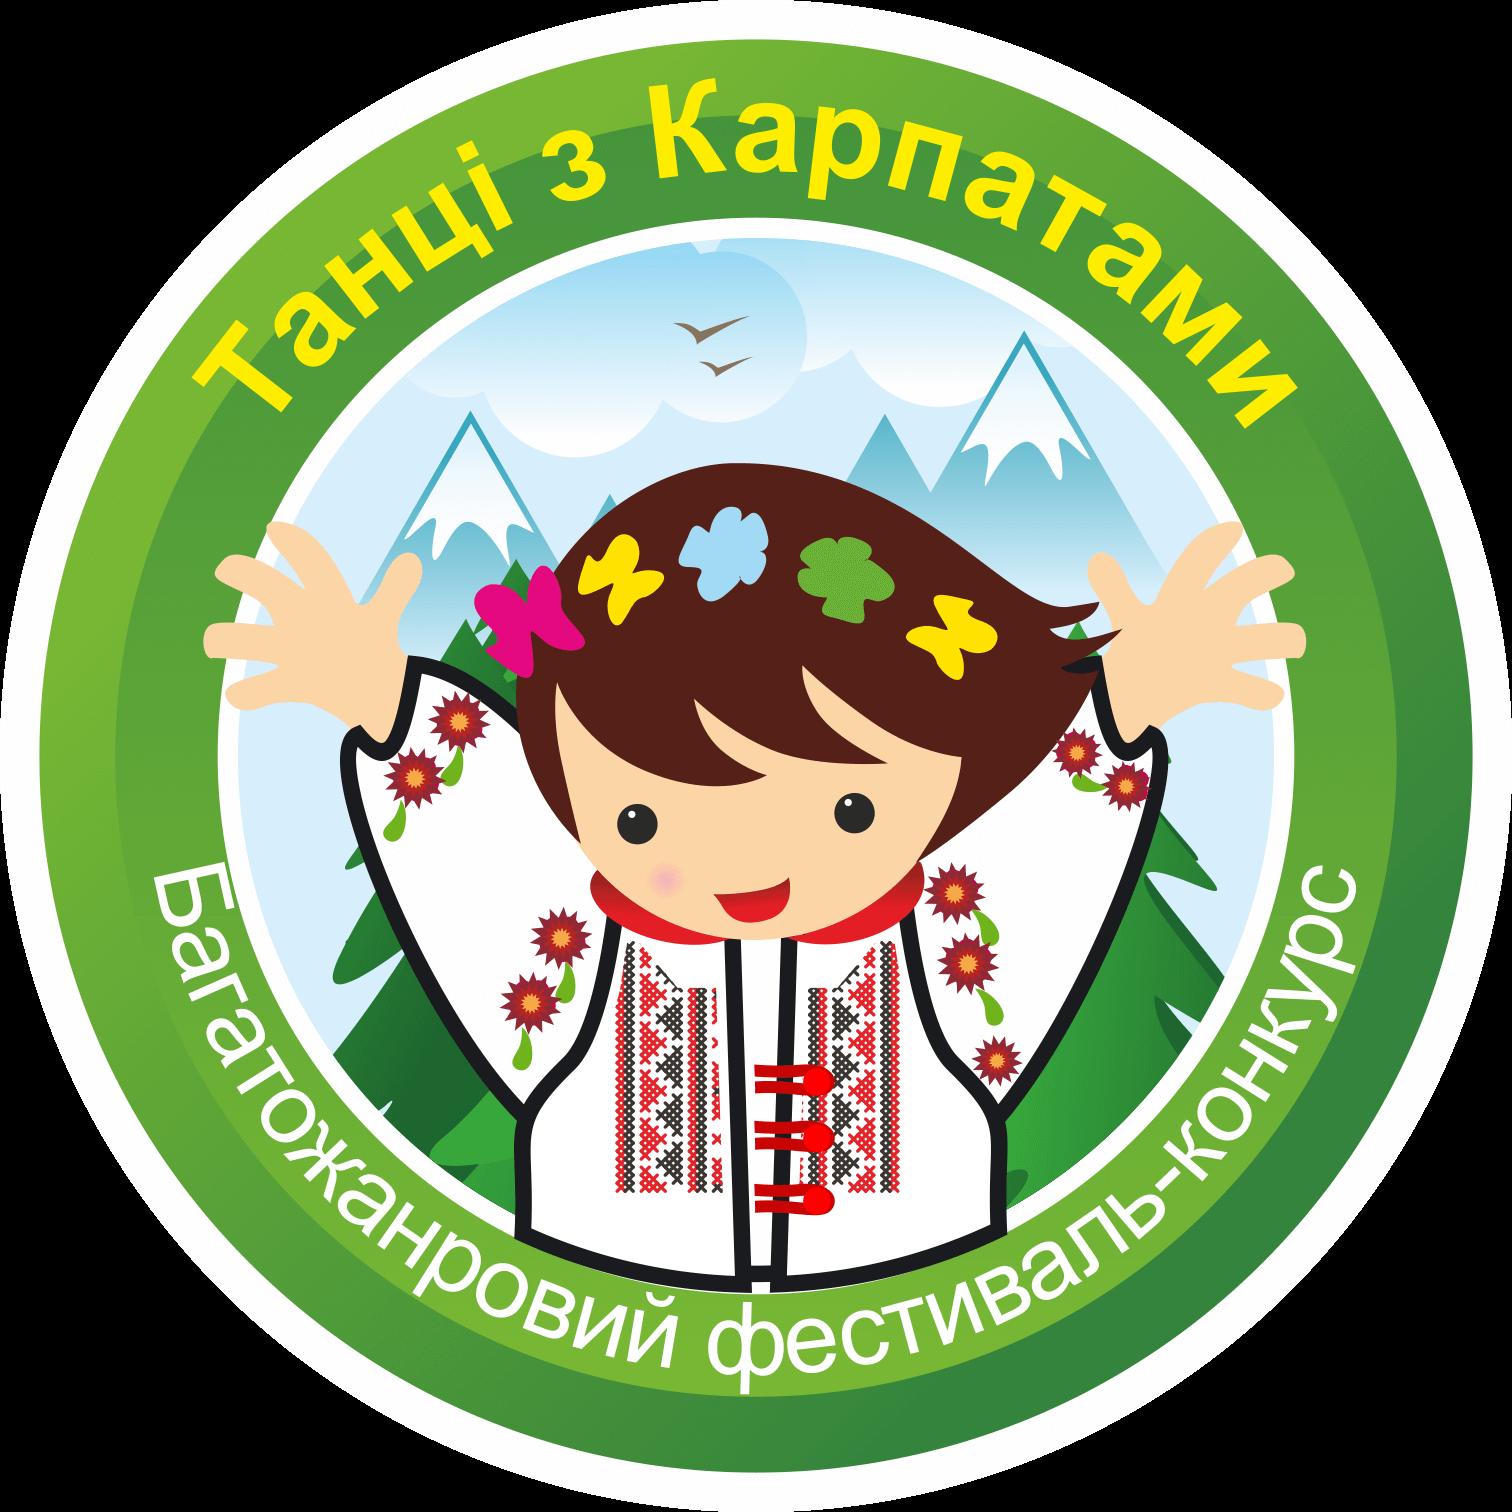 Фестиваль Танці з Карпатами